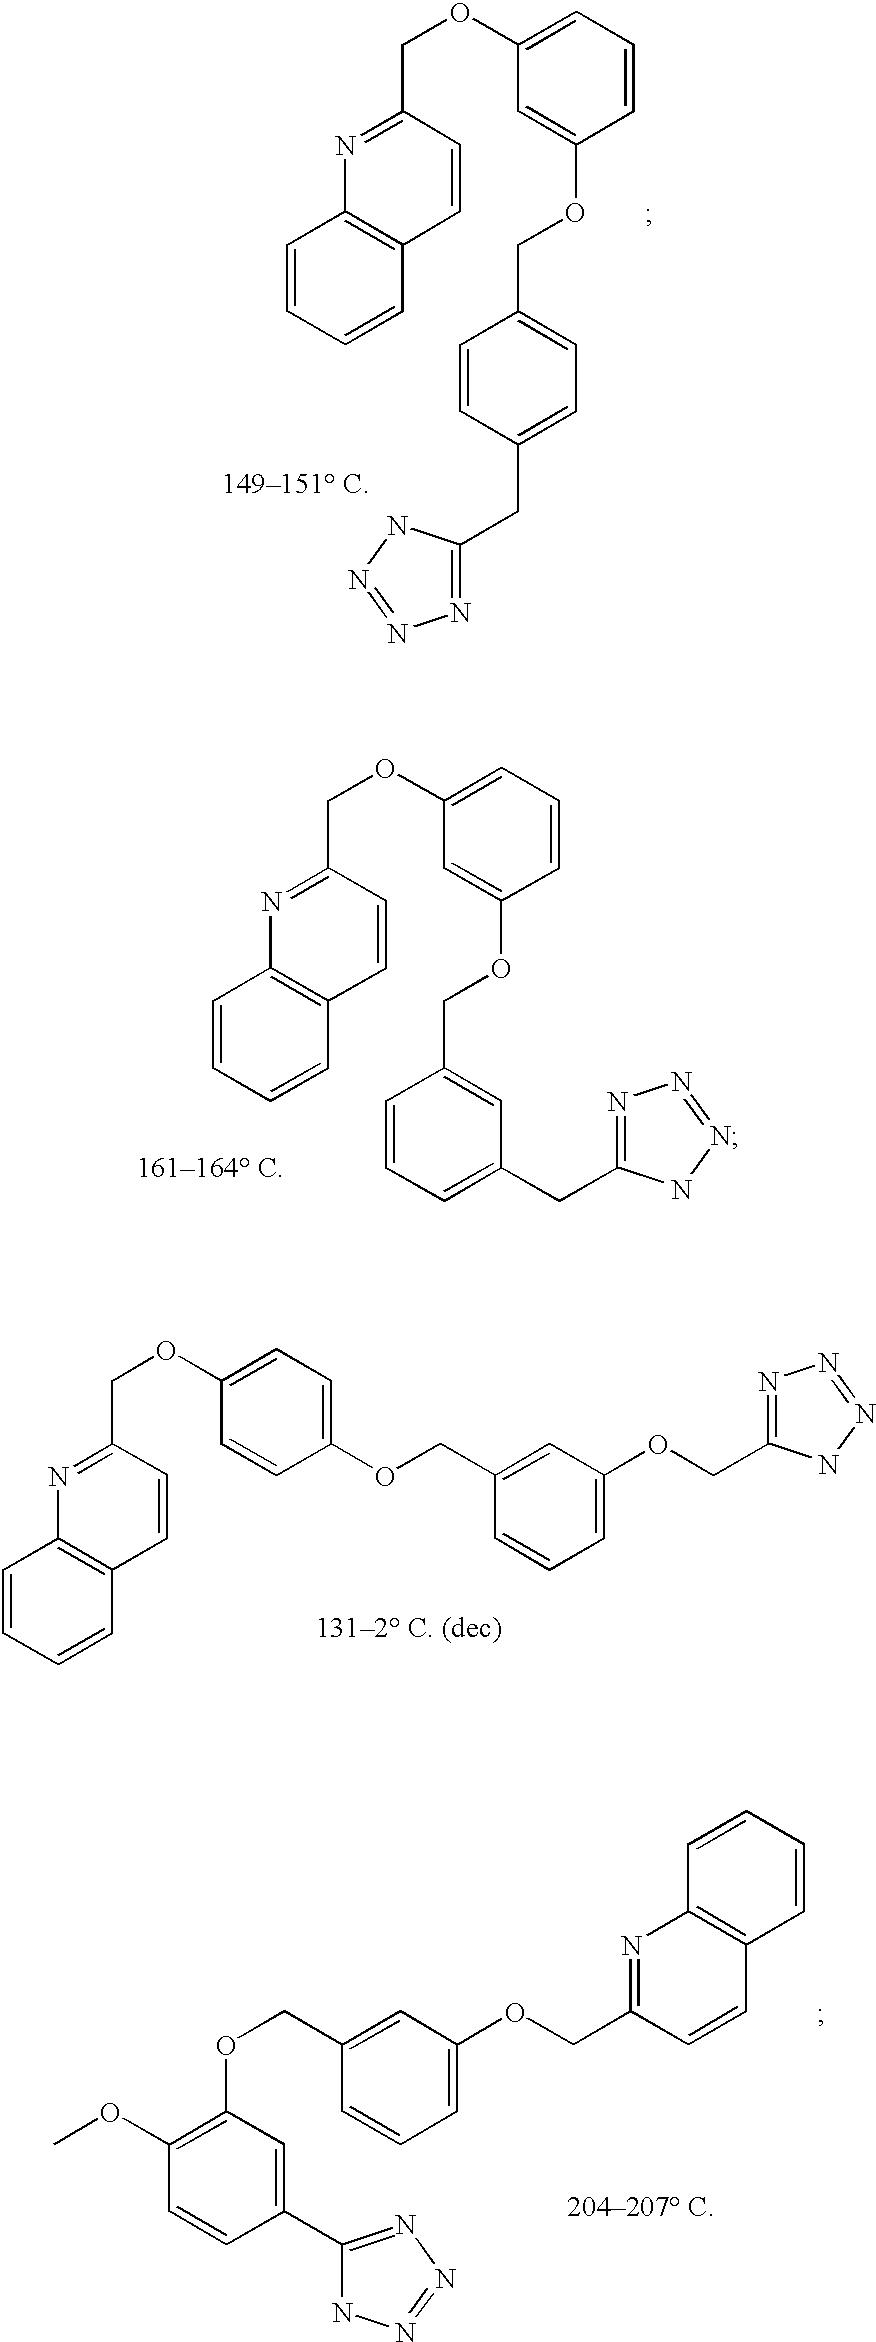 Figure US20030220373A1-20031127-C00292